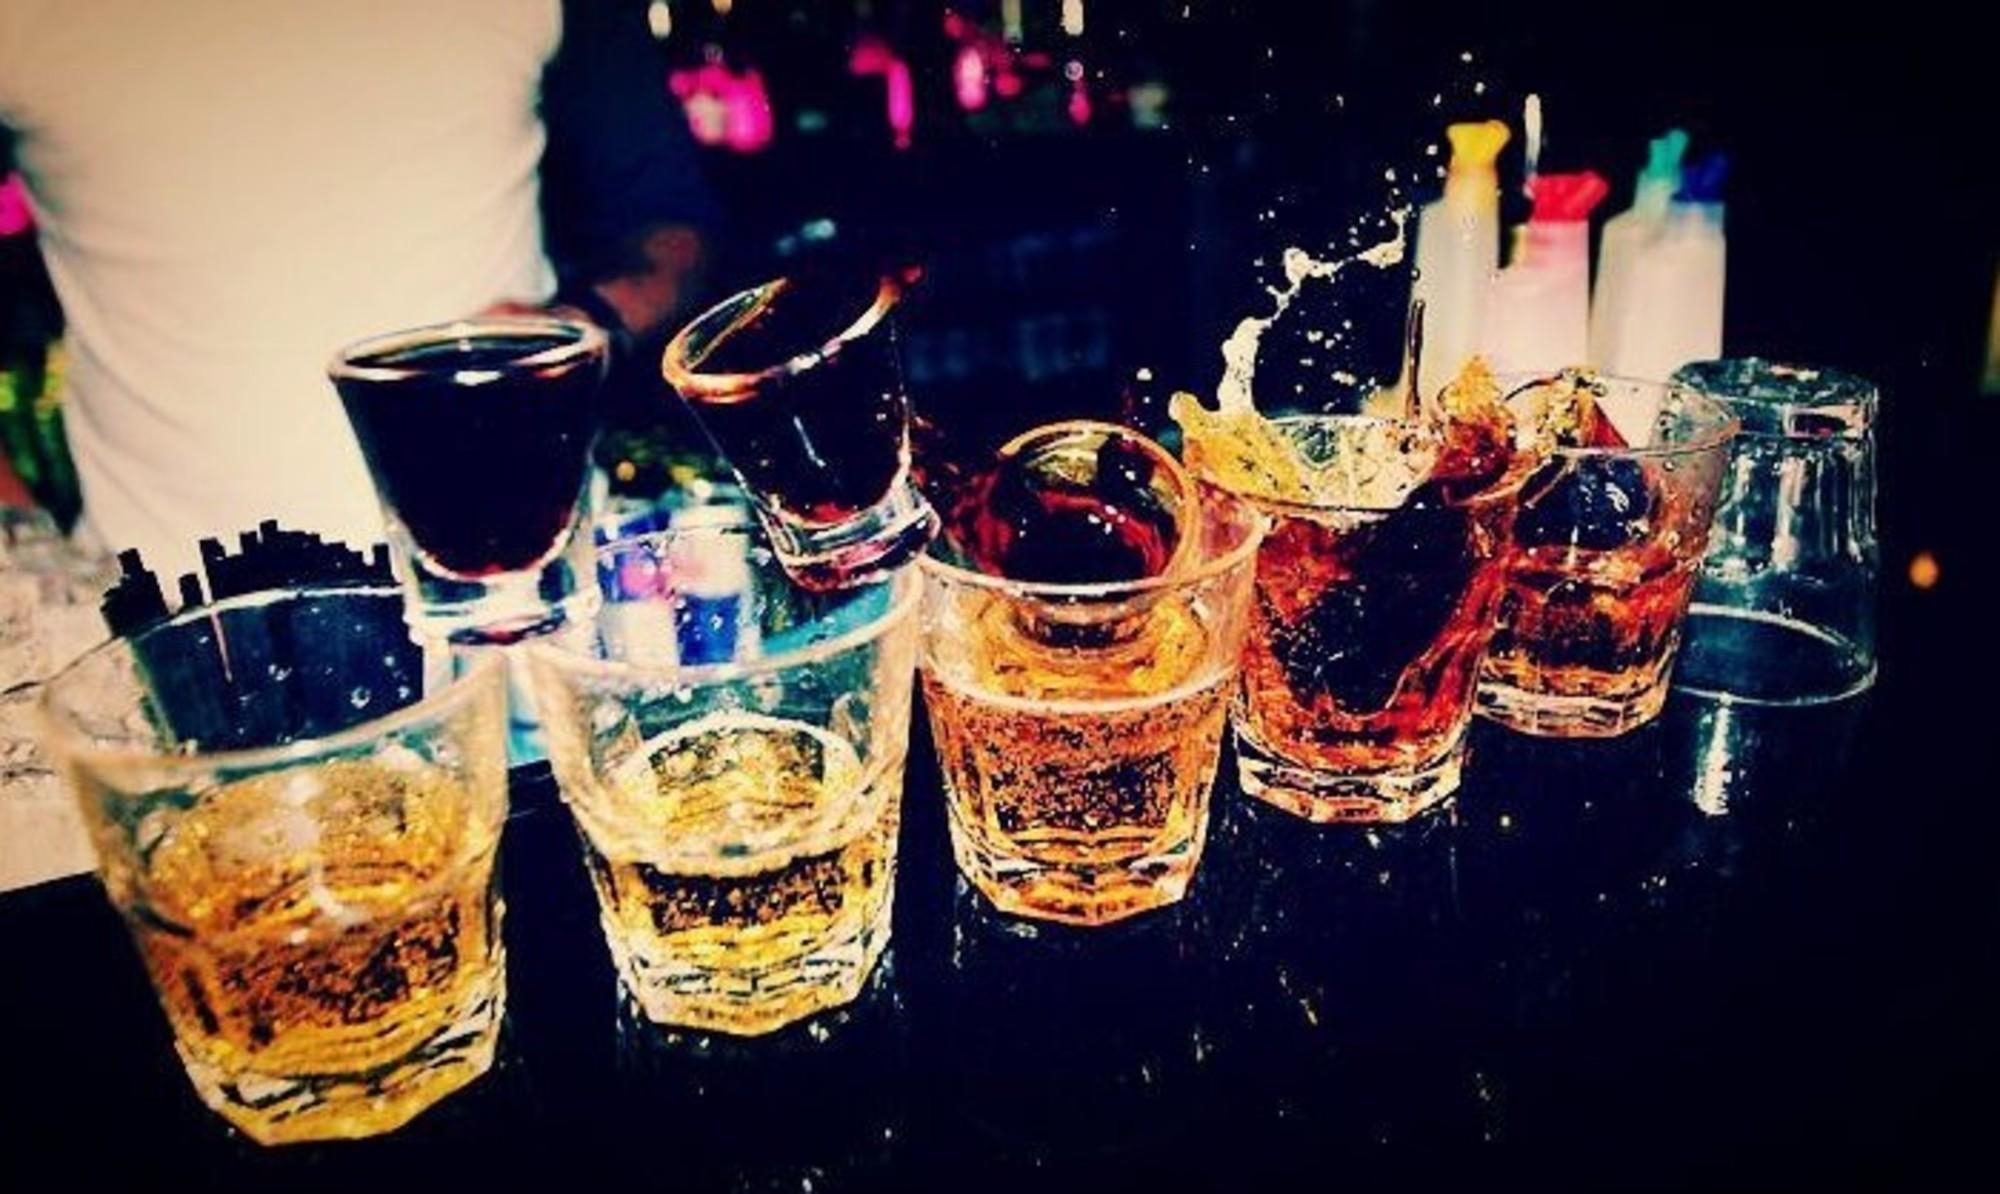 Картинка с алкоголем на день рождения